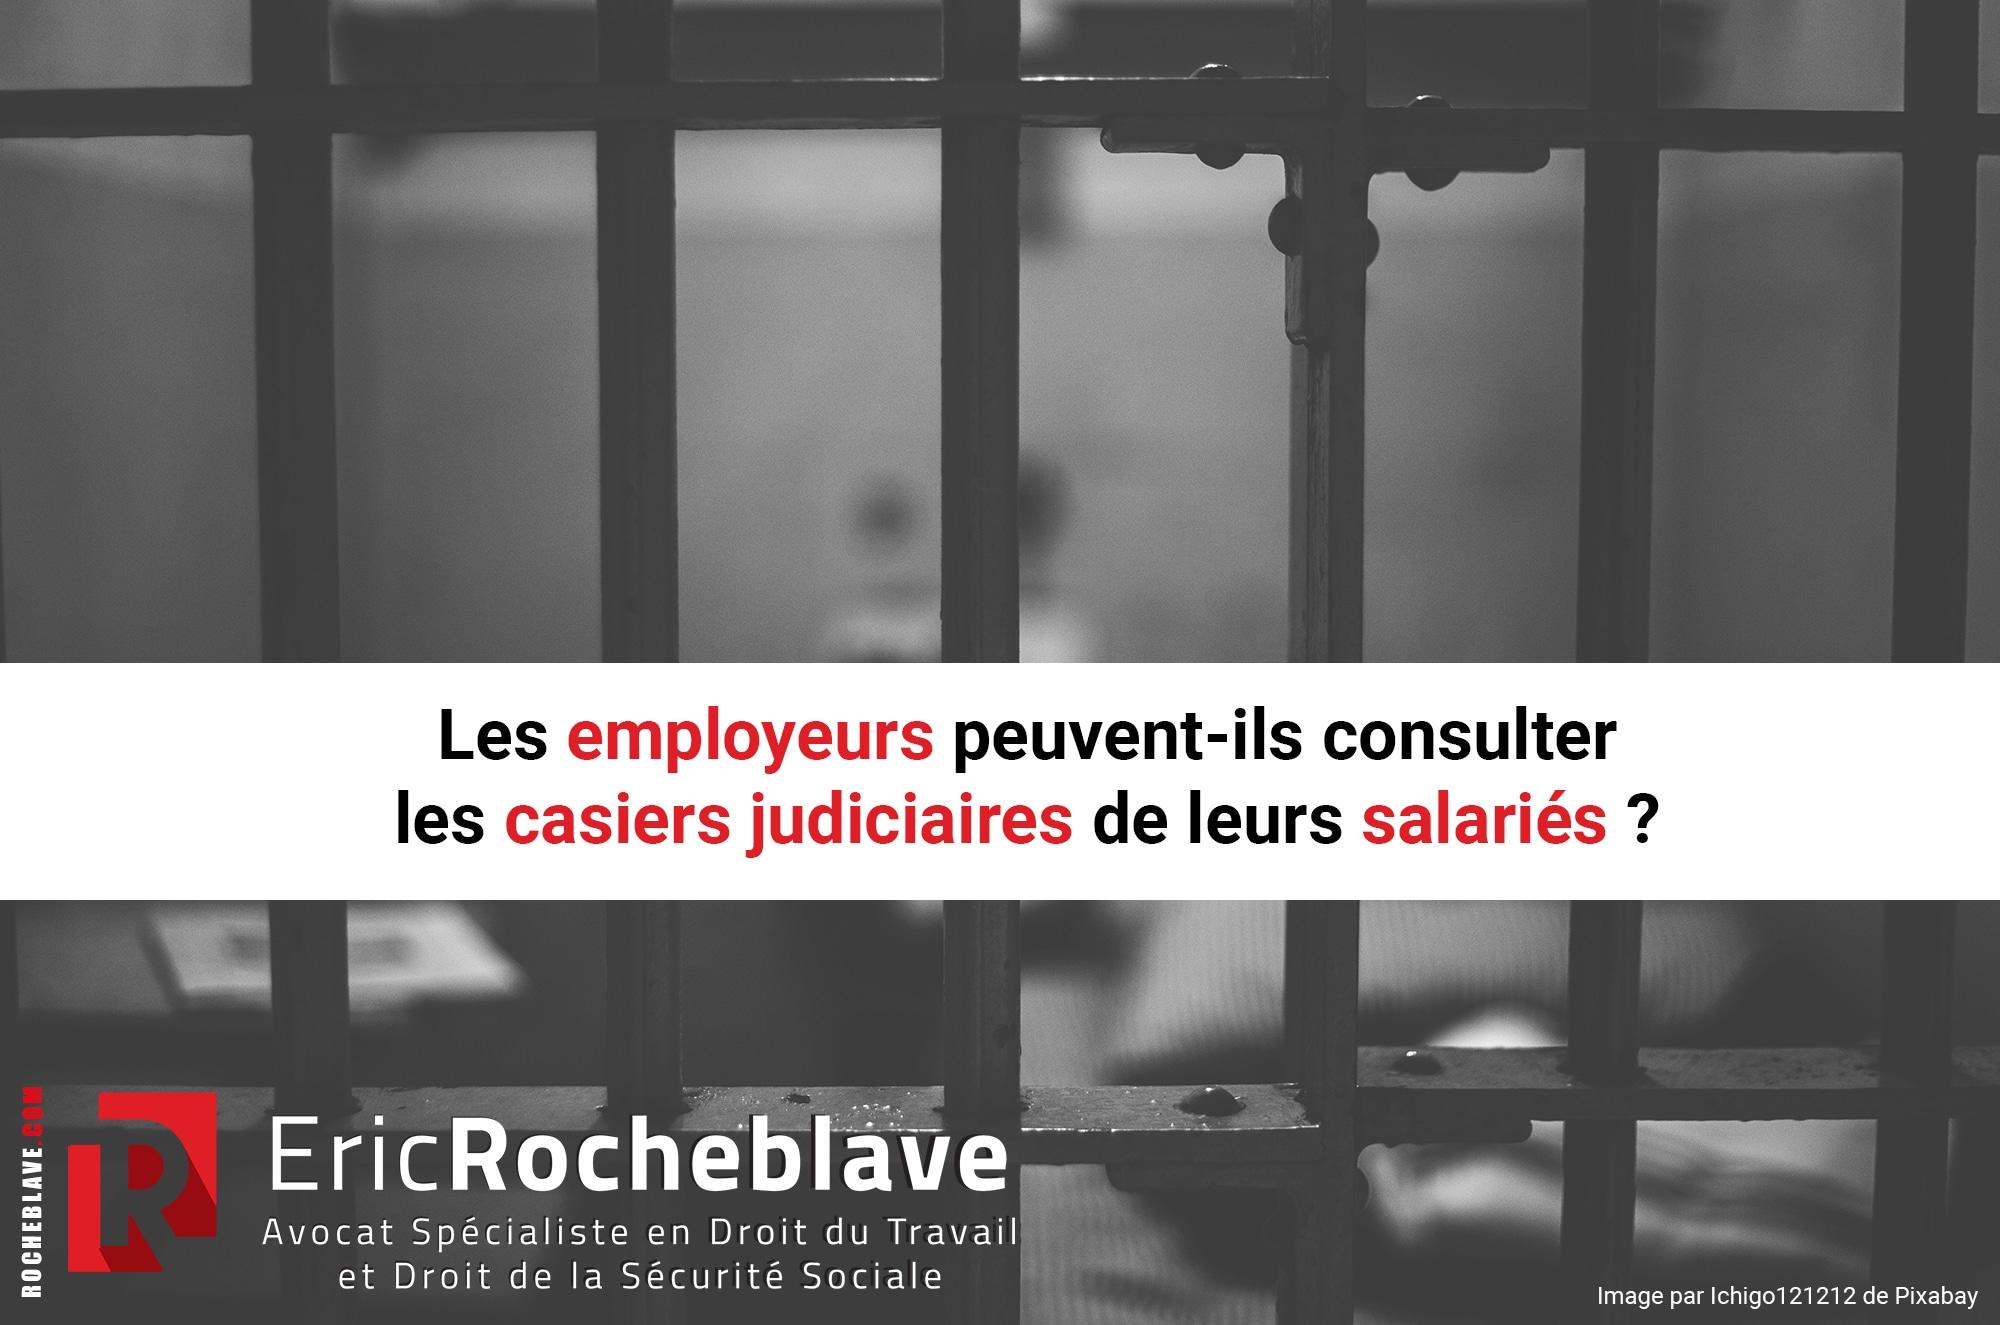 Les employeurs peuvent-ils consulter les casiers judiciaires de leurs salariés ?